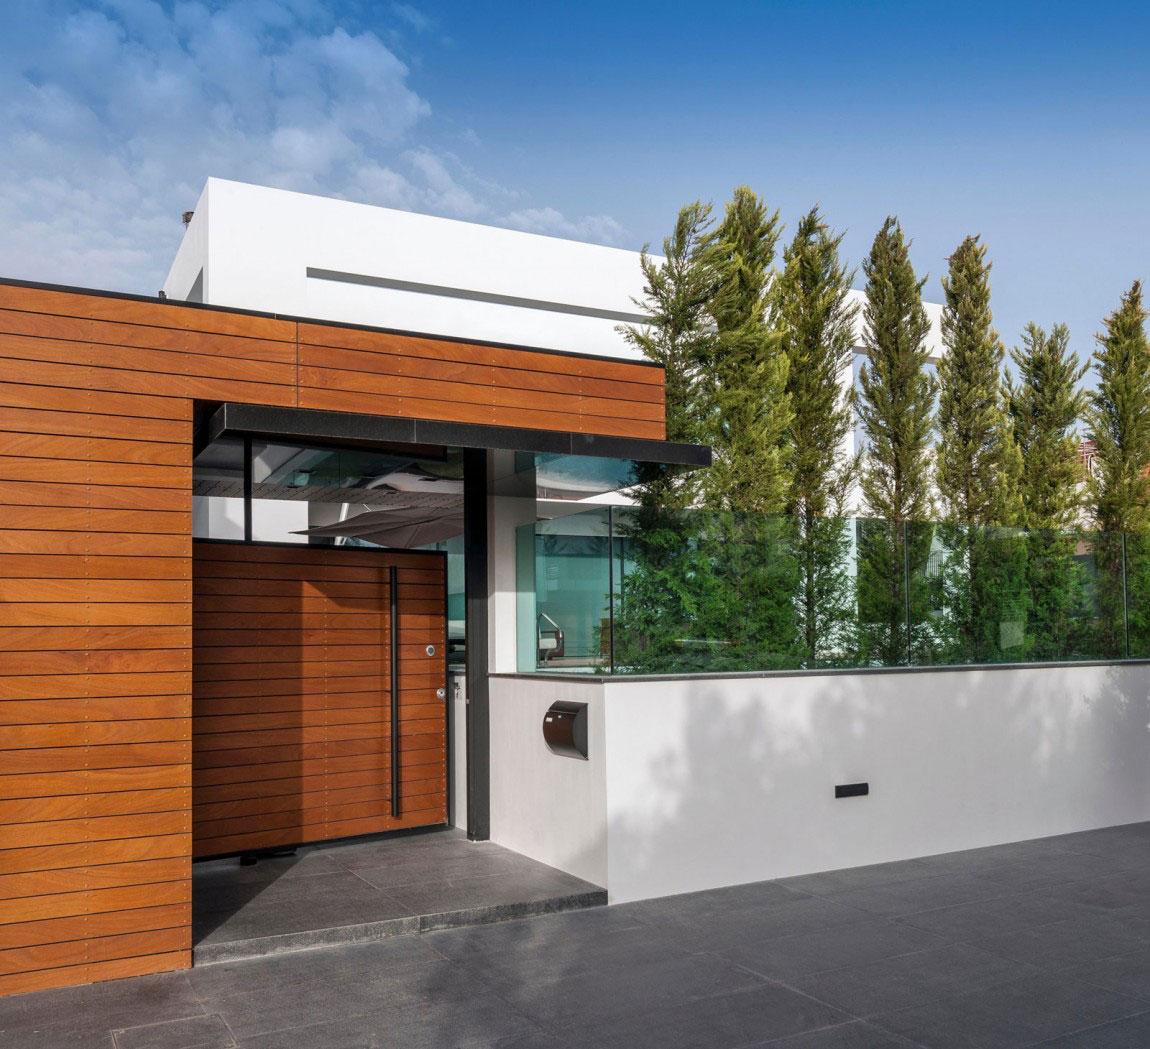 Modernt familjehus av Dolihos Architects-1 Modernt familjehus av Dolihos Architects